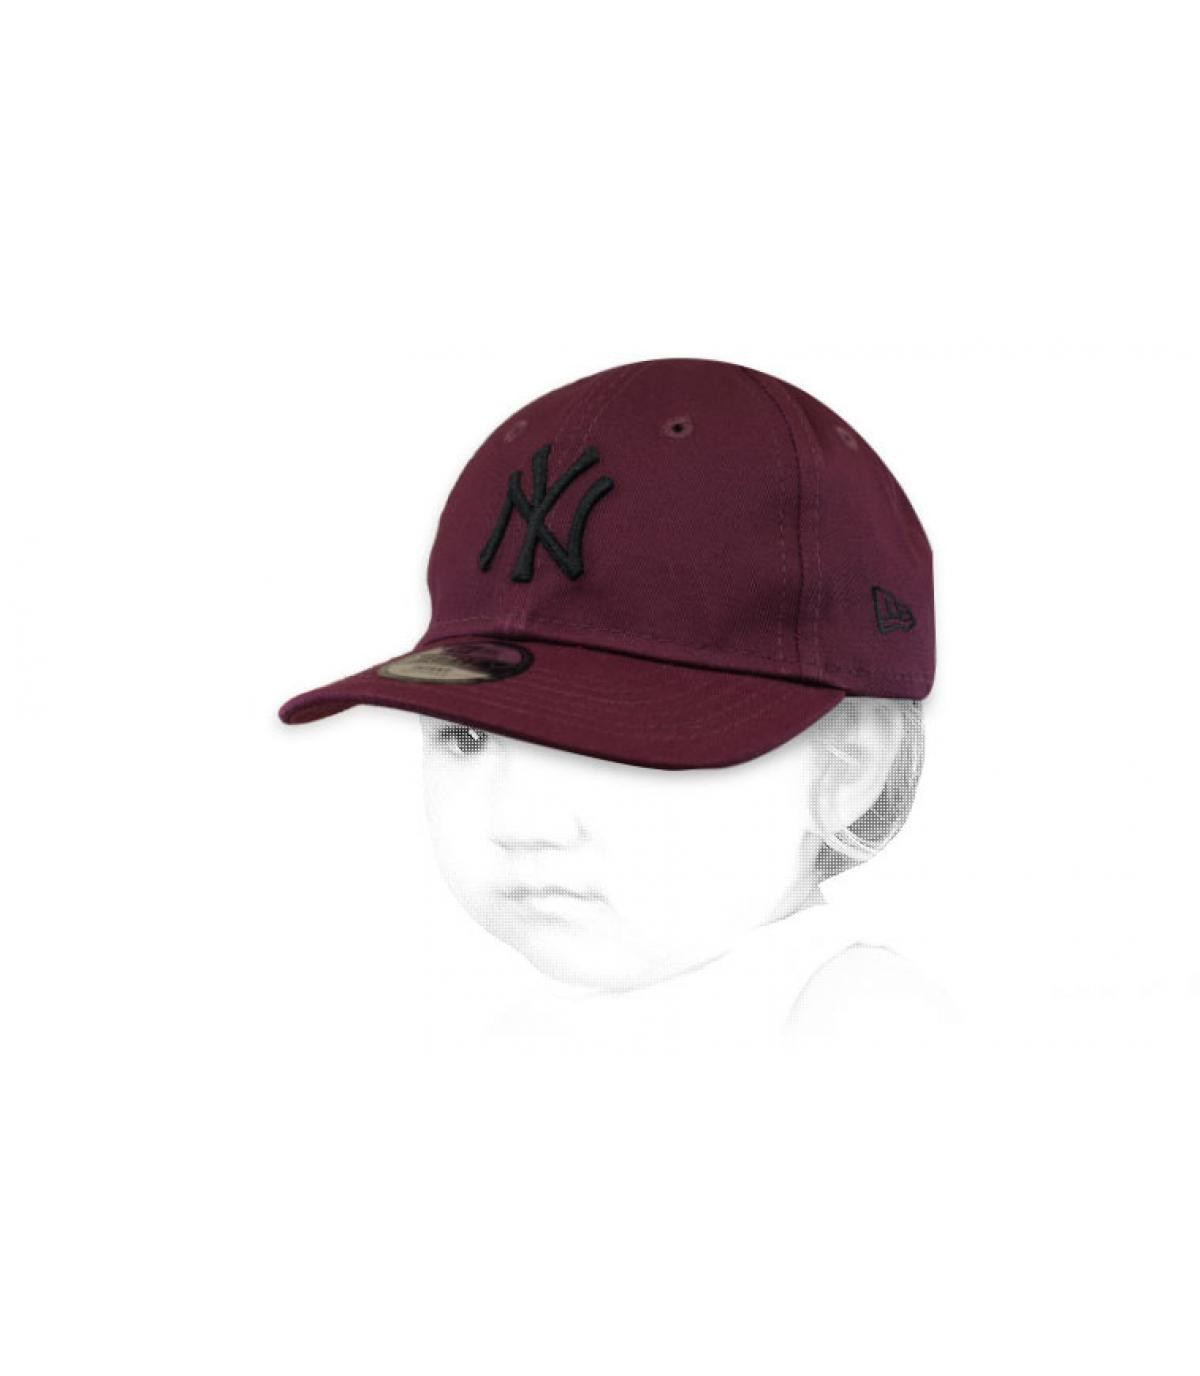 Cappellino NY bordeaux